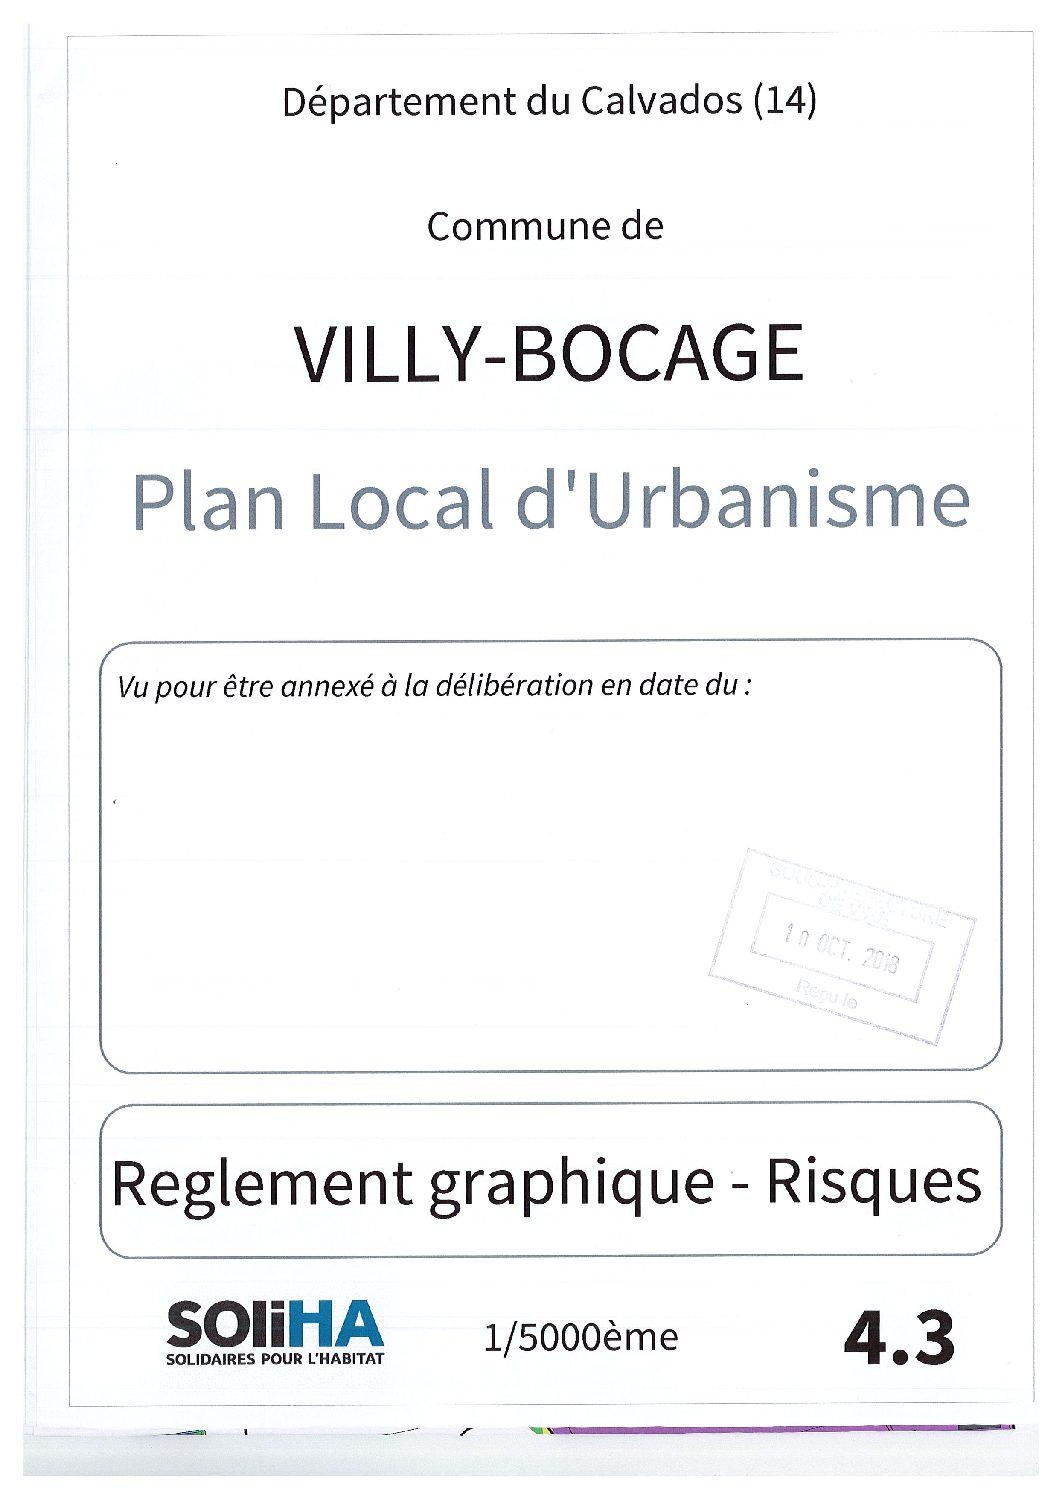 Villy-Bocage : Règlement graphique – Risque